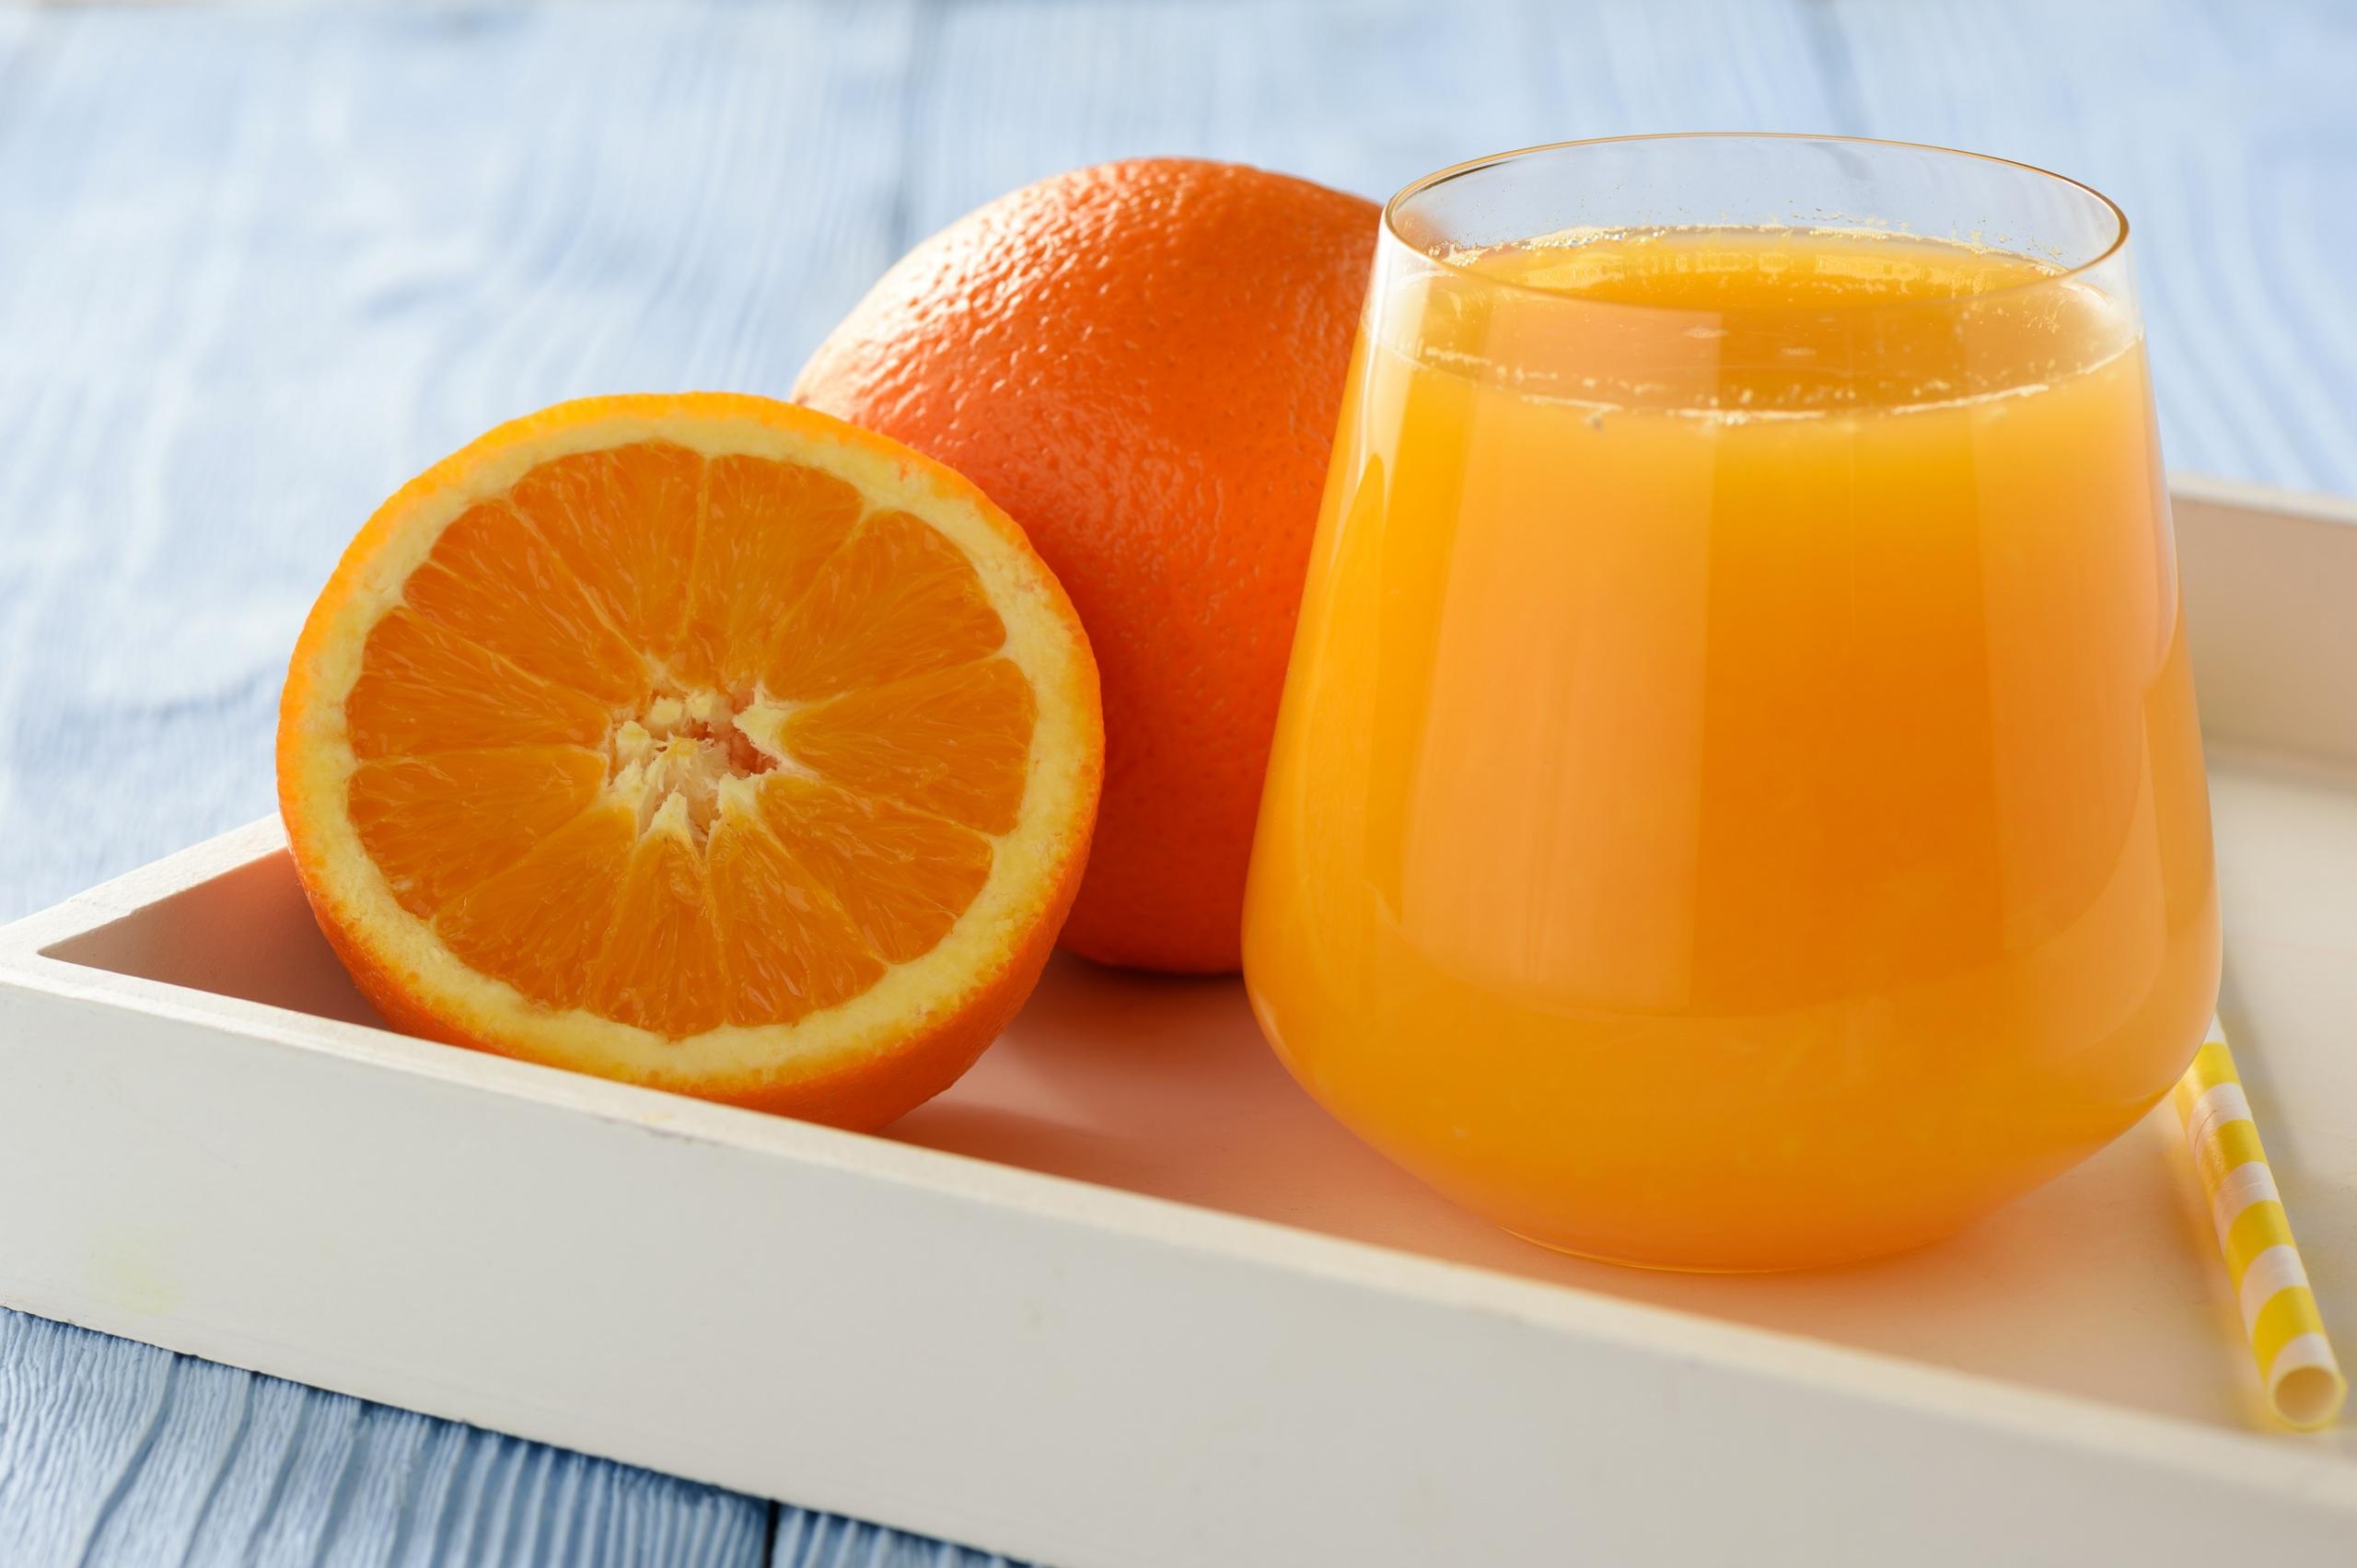 Фото Сок Апельсин стакане Пища 2560x1703 Стакан стакана Еда Продукты питания